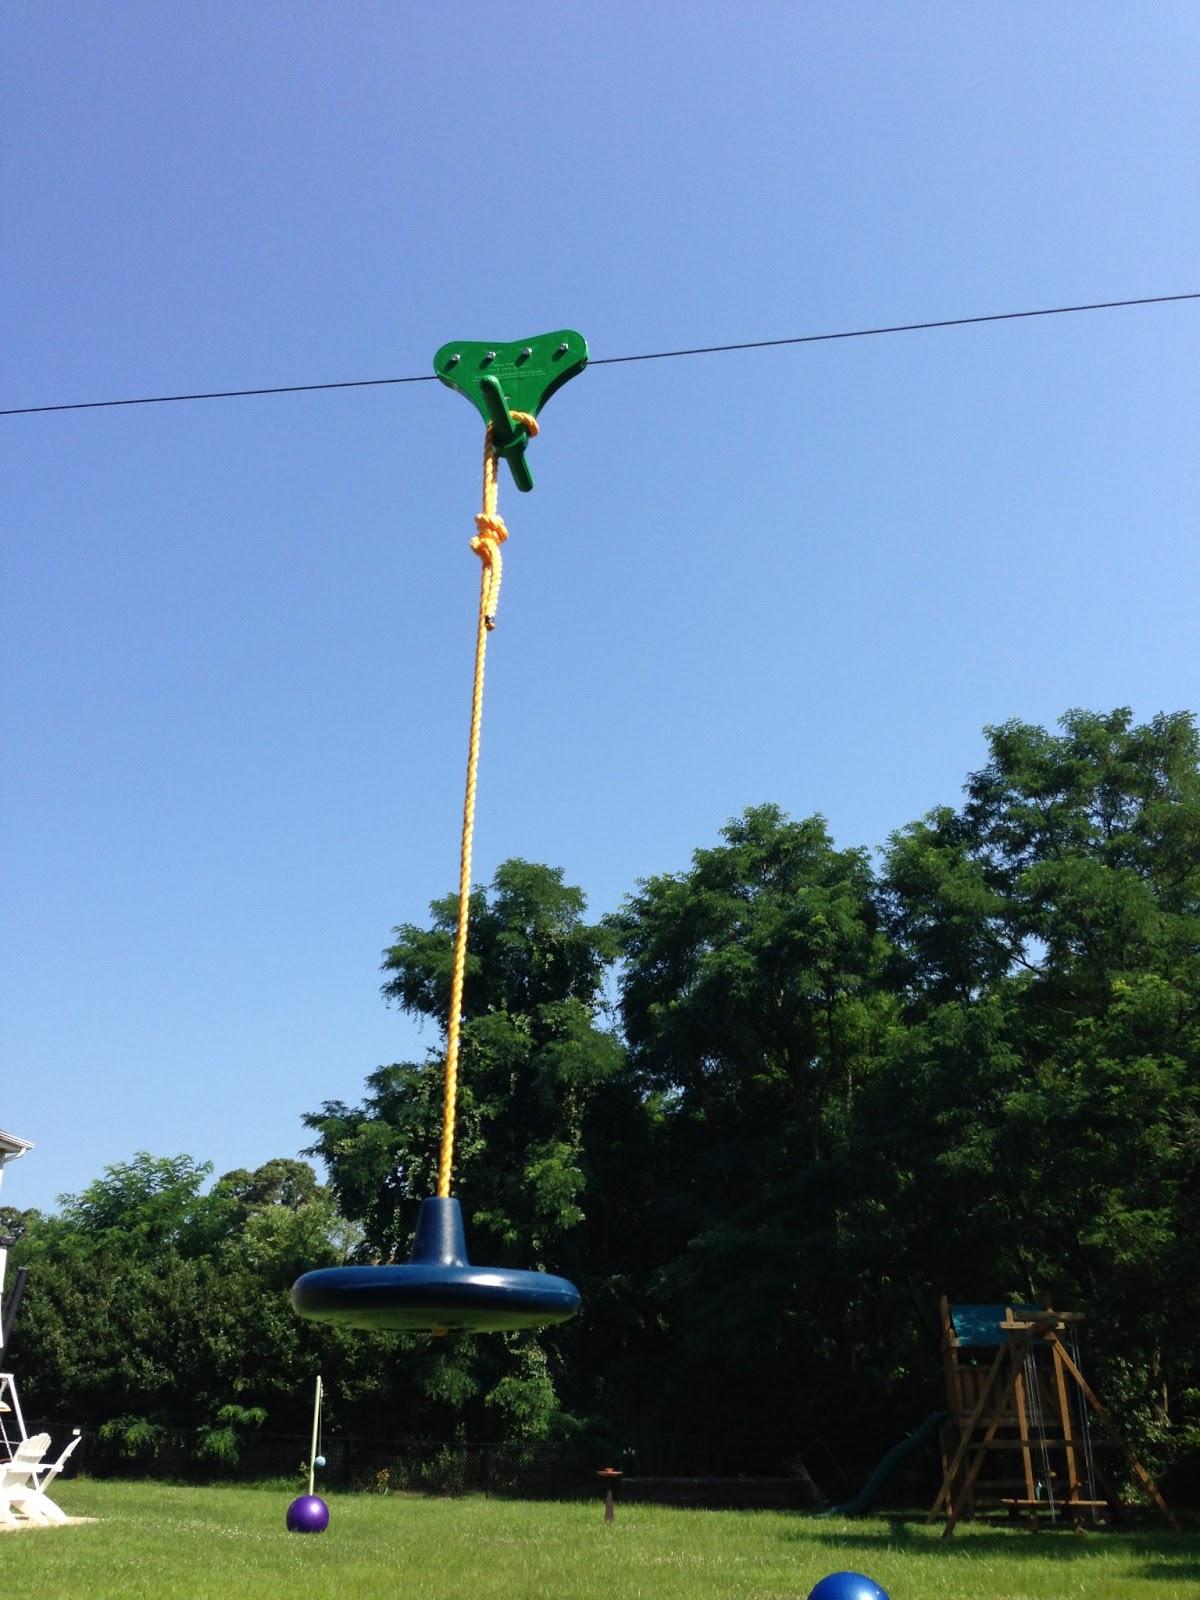 Backyard Zip Line: Zip-Line Build Pics: posts, chain, seat ...